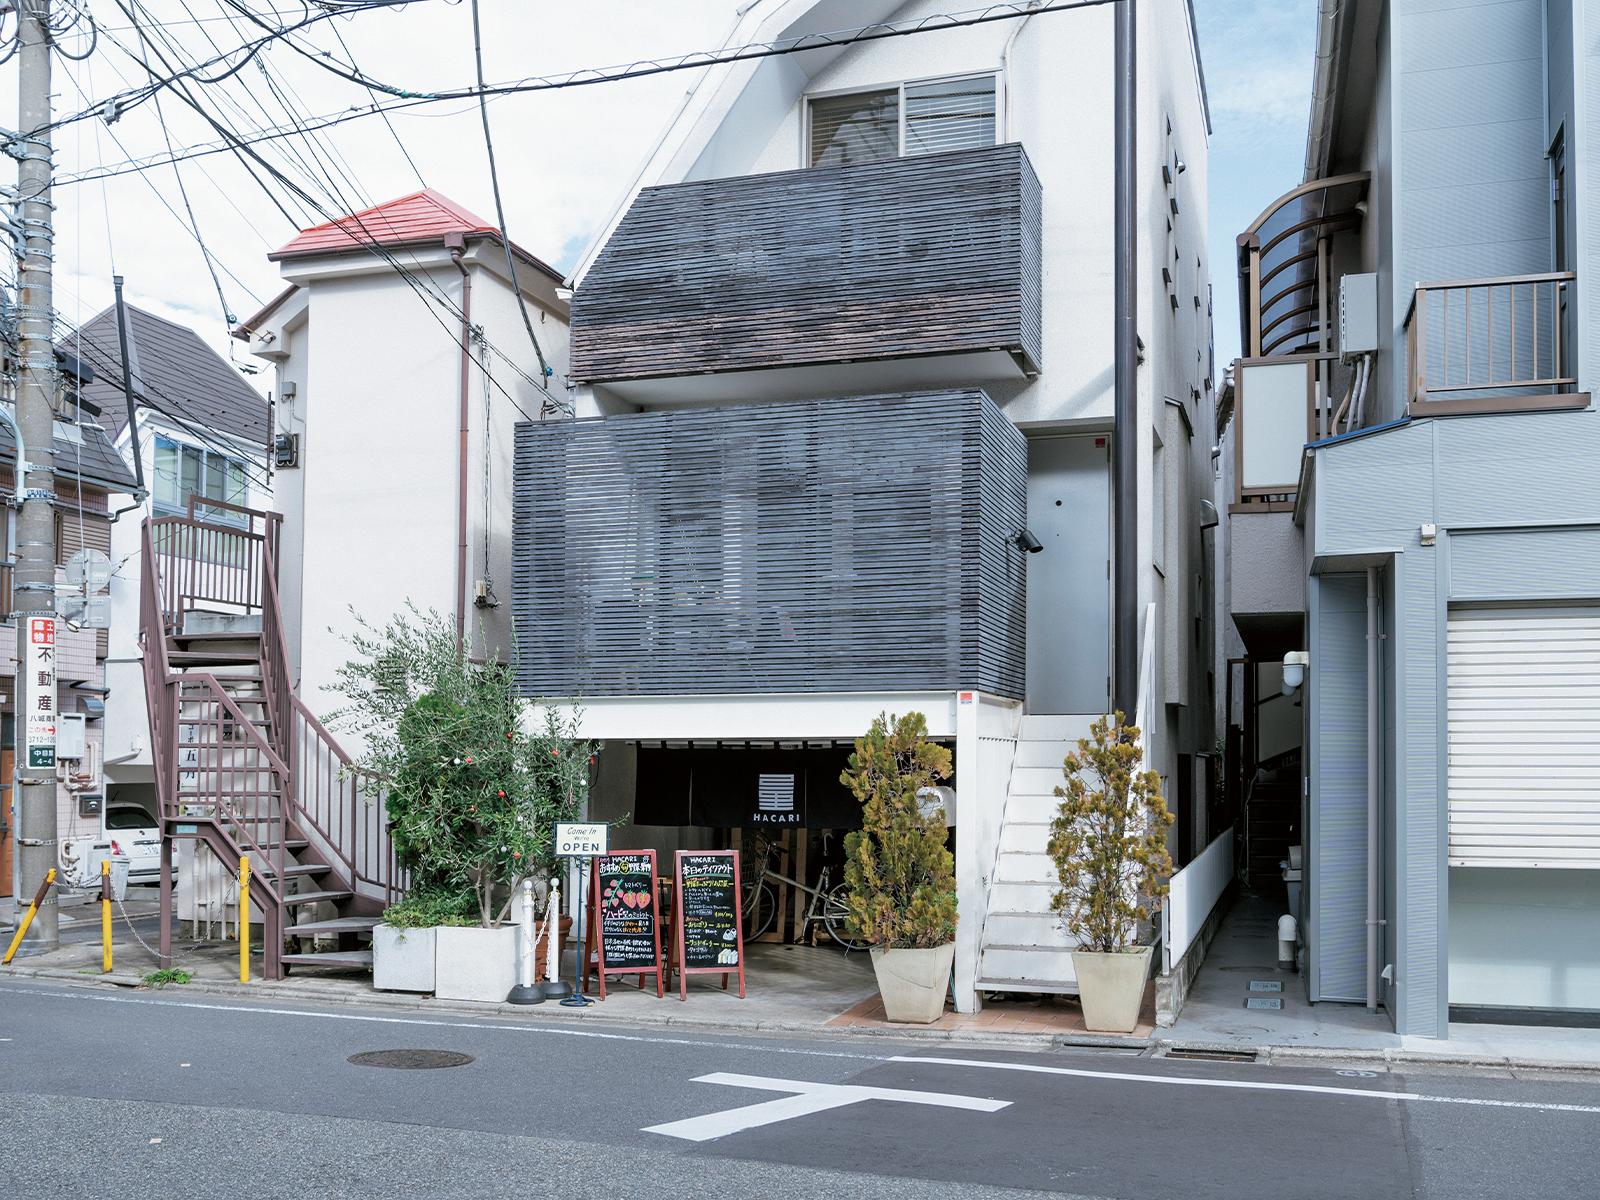 東京・中目黒駅から徒歩約10分の静かな住宅街。少し奥まった半地下に『HACARI』はある。